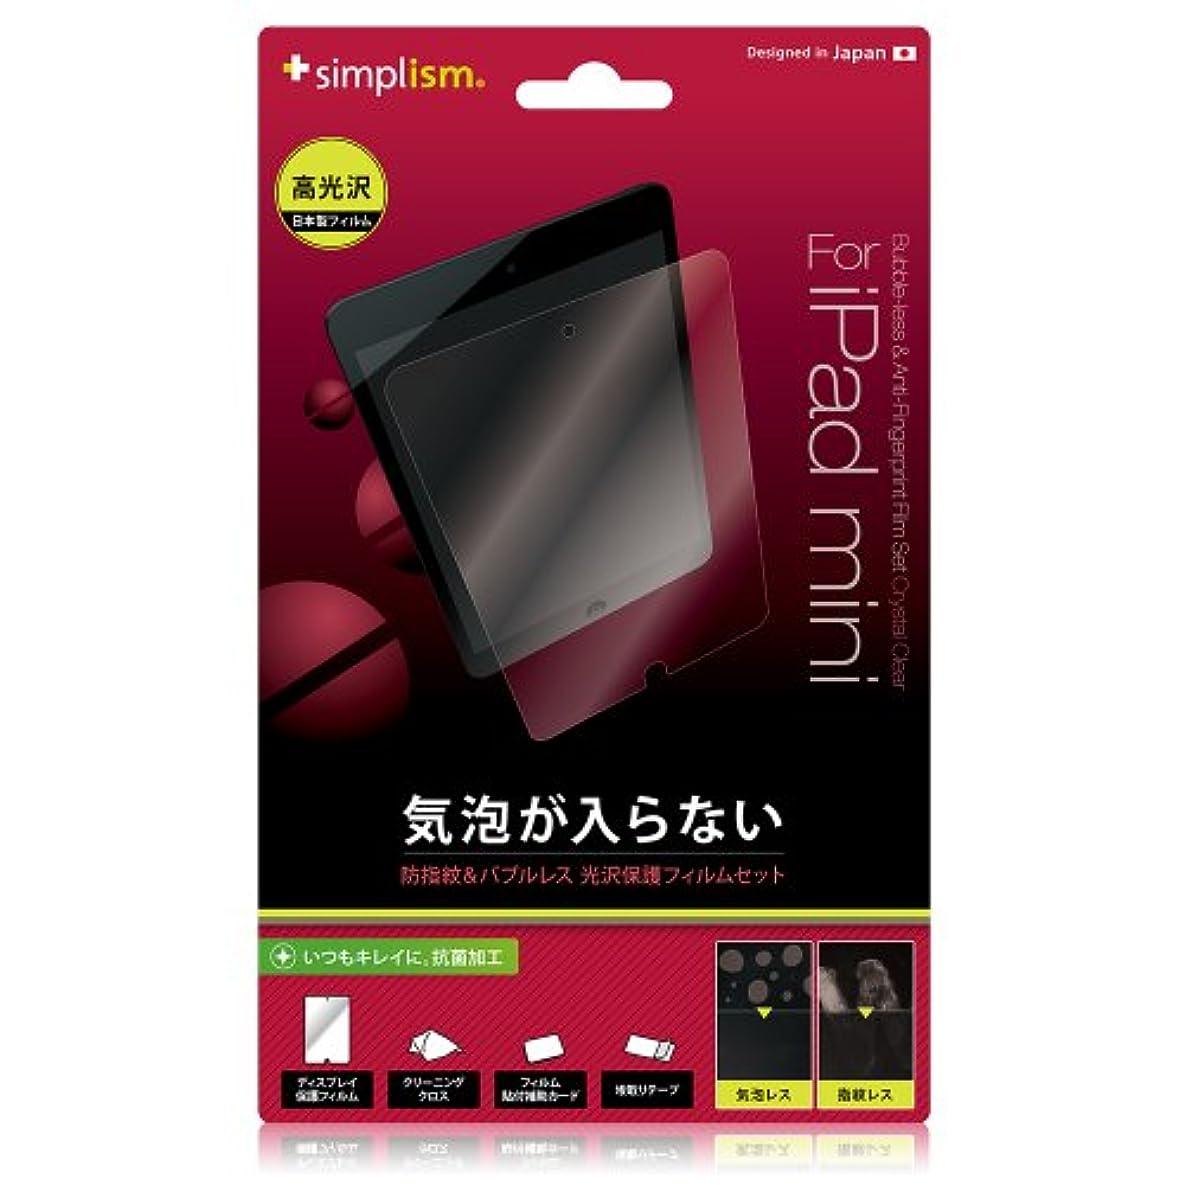 準備ができて勝者山Simplism iPad mini 日本製保護フィルム 気泡が入りにくく貼付簡単 クリスタルクリア 防指紋?抗菌仕様 TR-PFIPDM12-BLCC